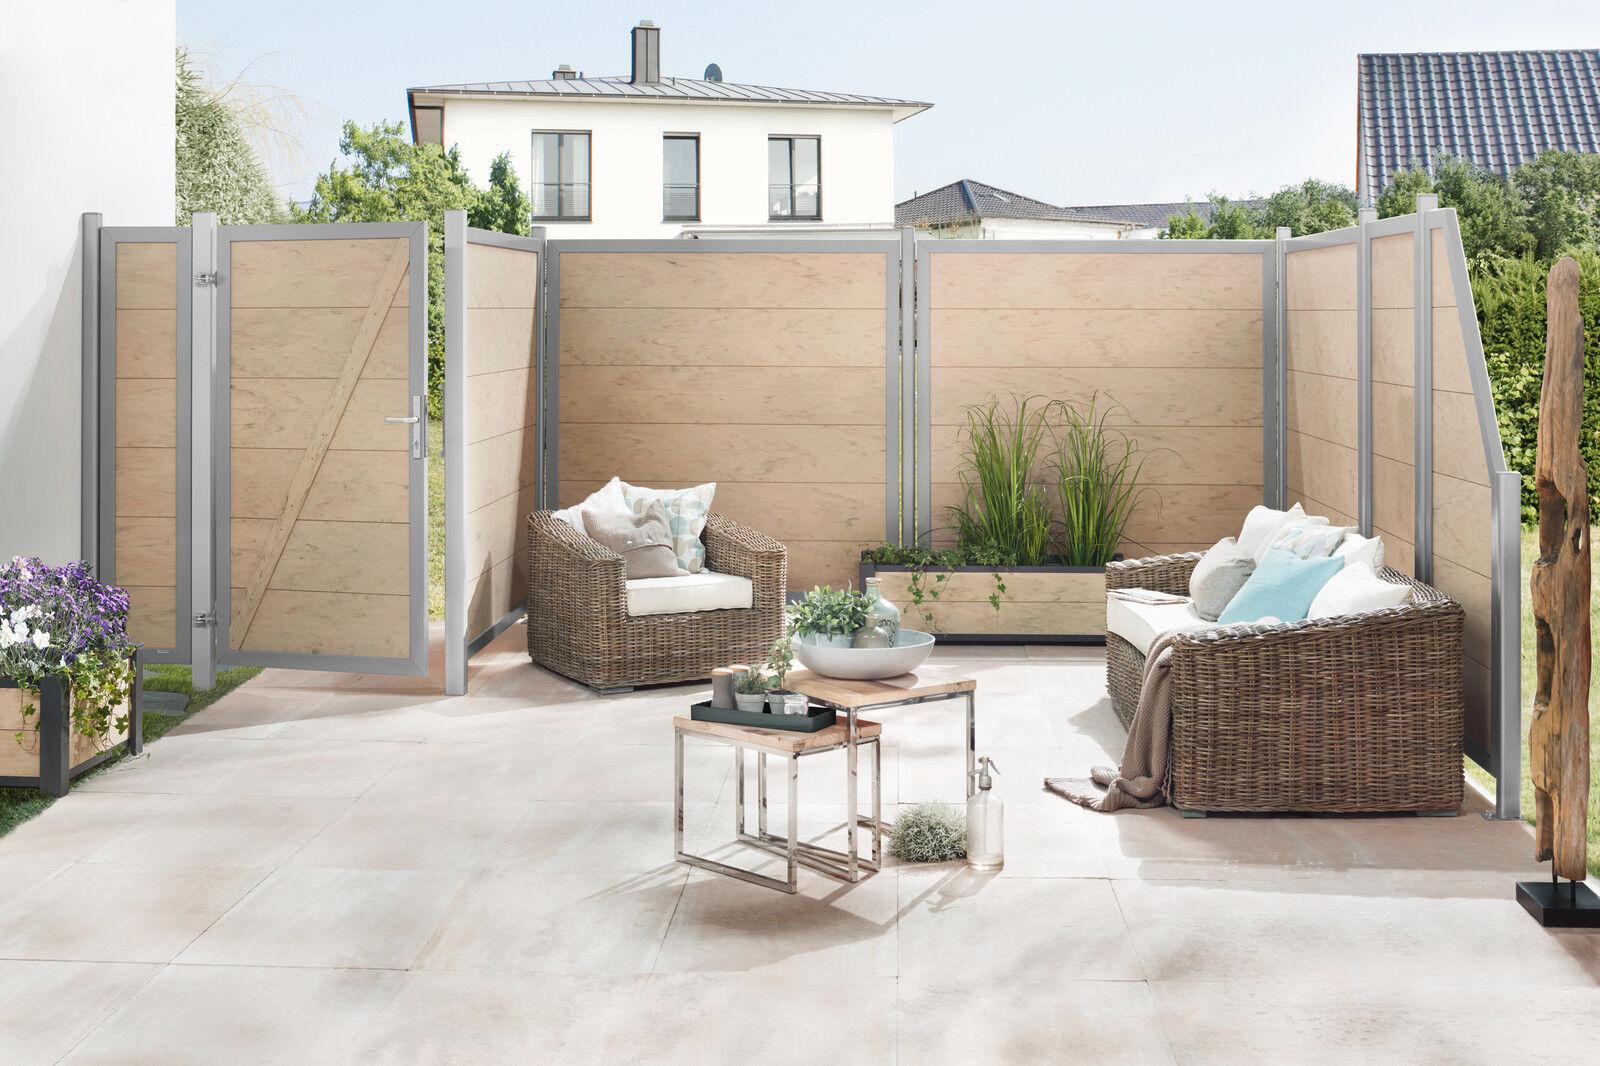 Sichtschutzzaun Design Wpc Alu Sand 180x180cm Gunstig Kaufen Ebay